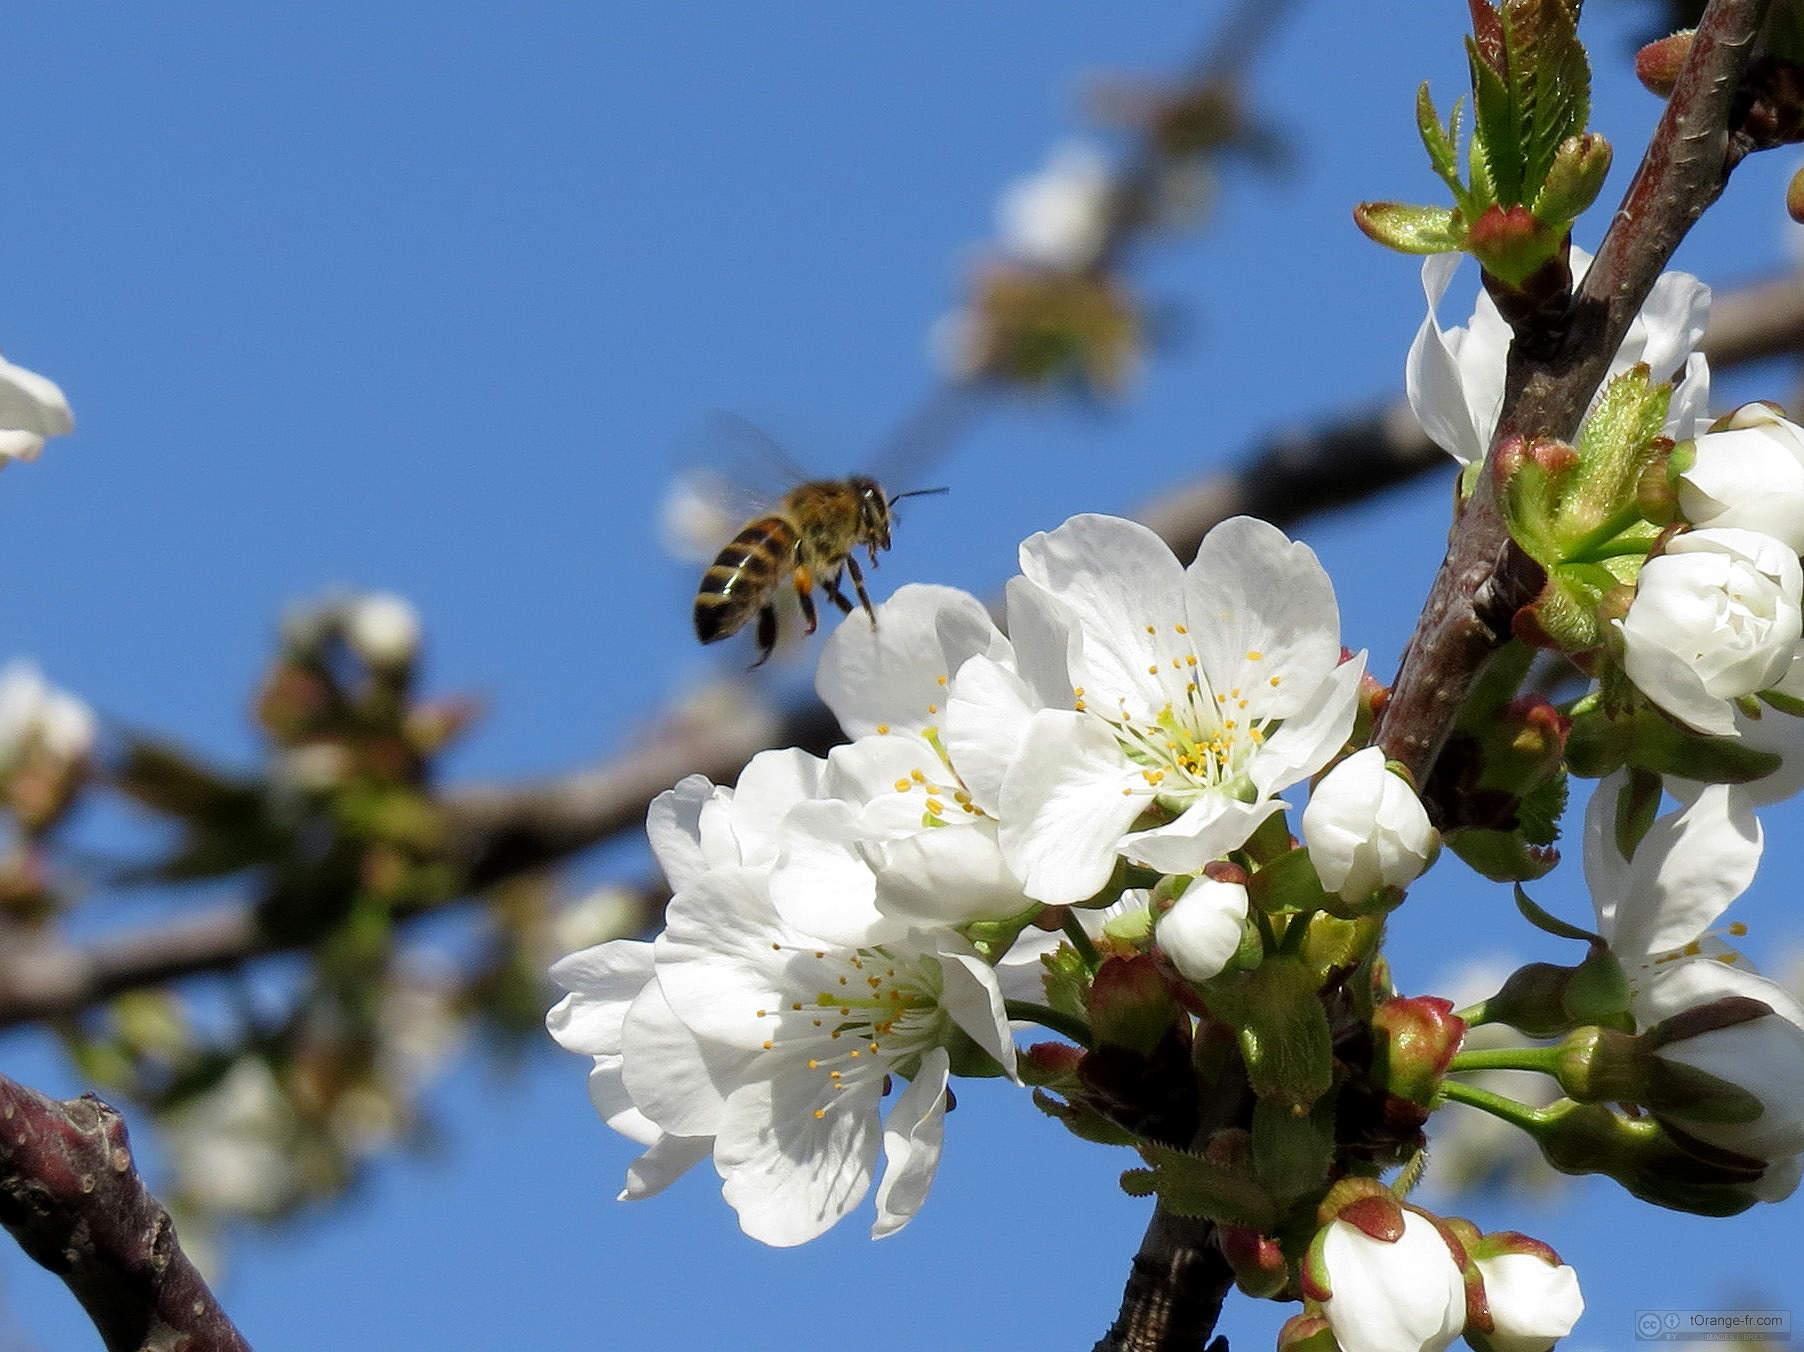 Bee flies de nectar